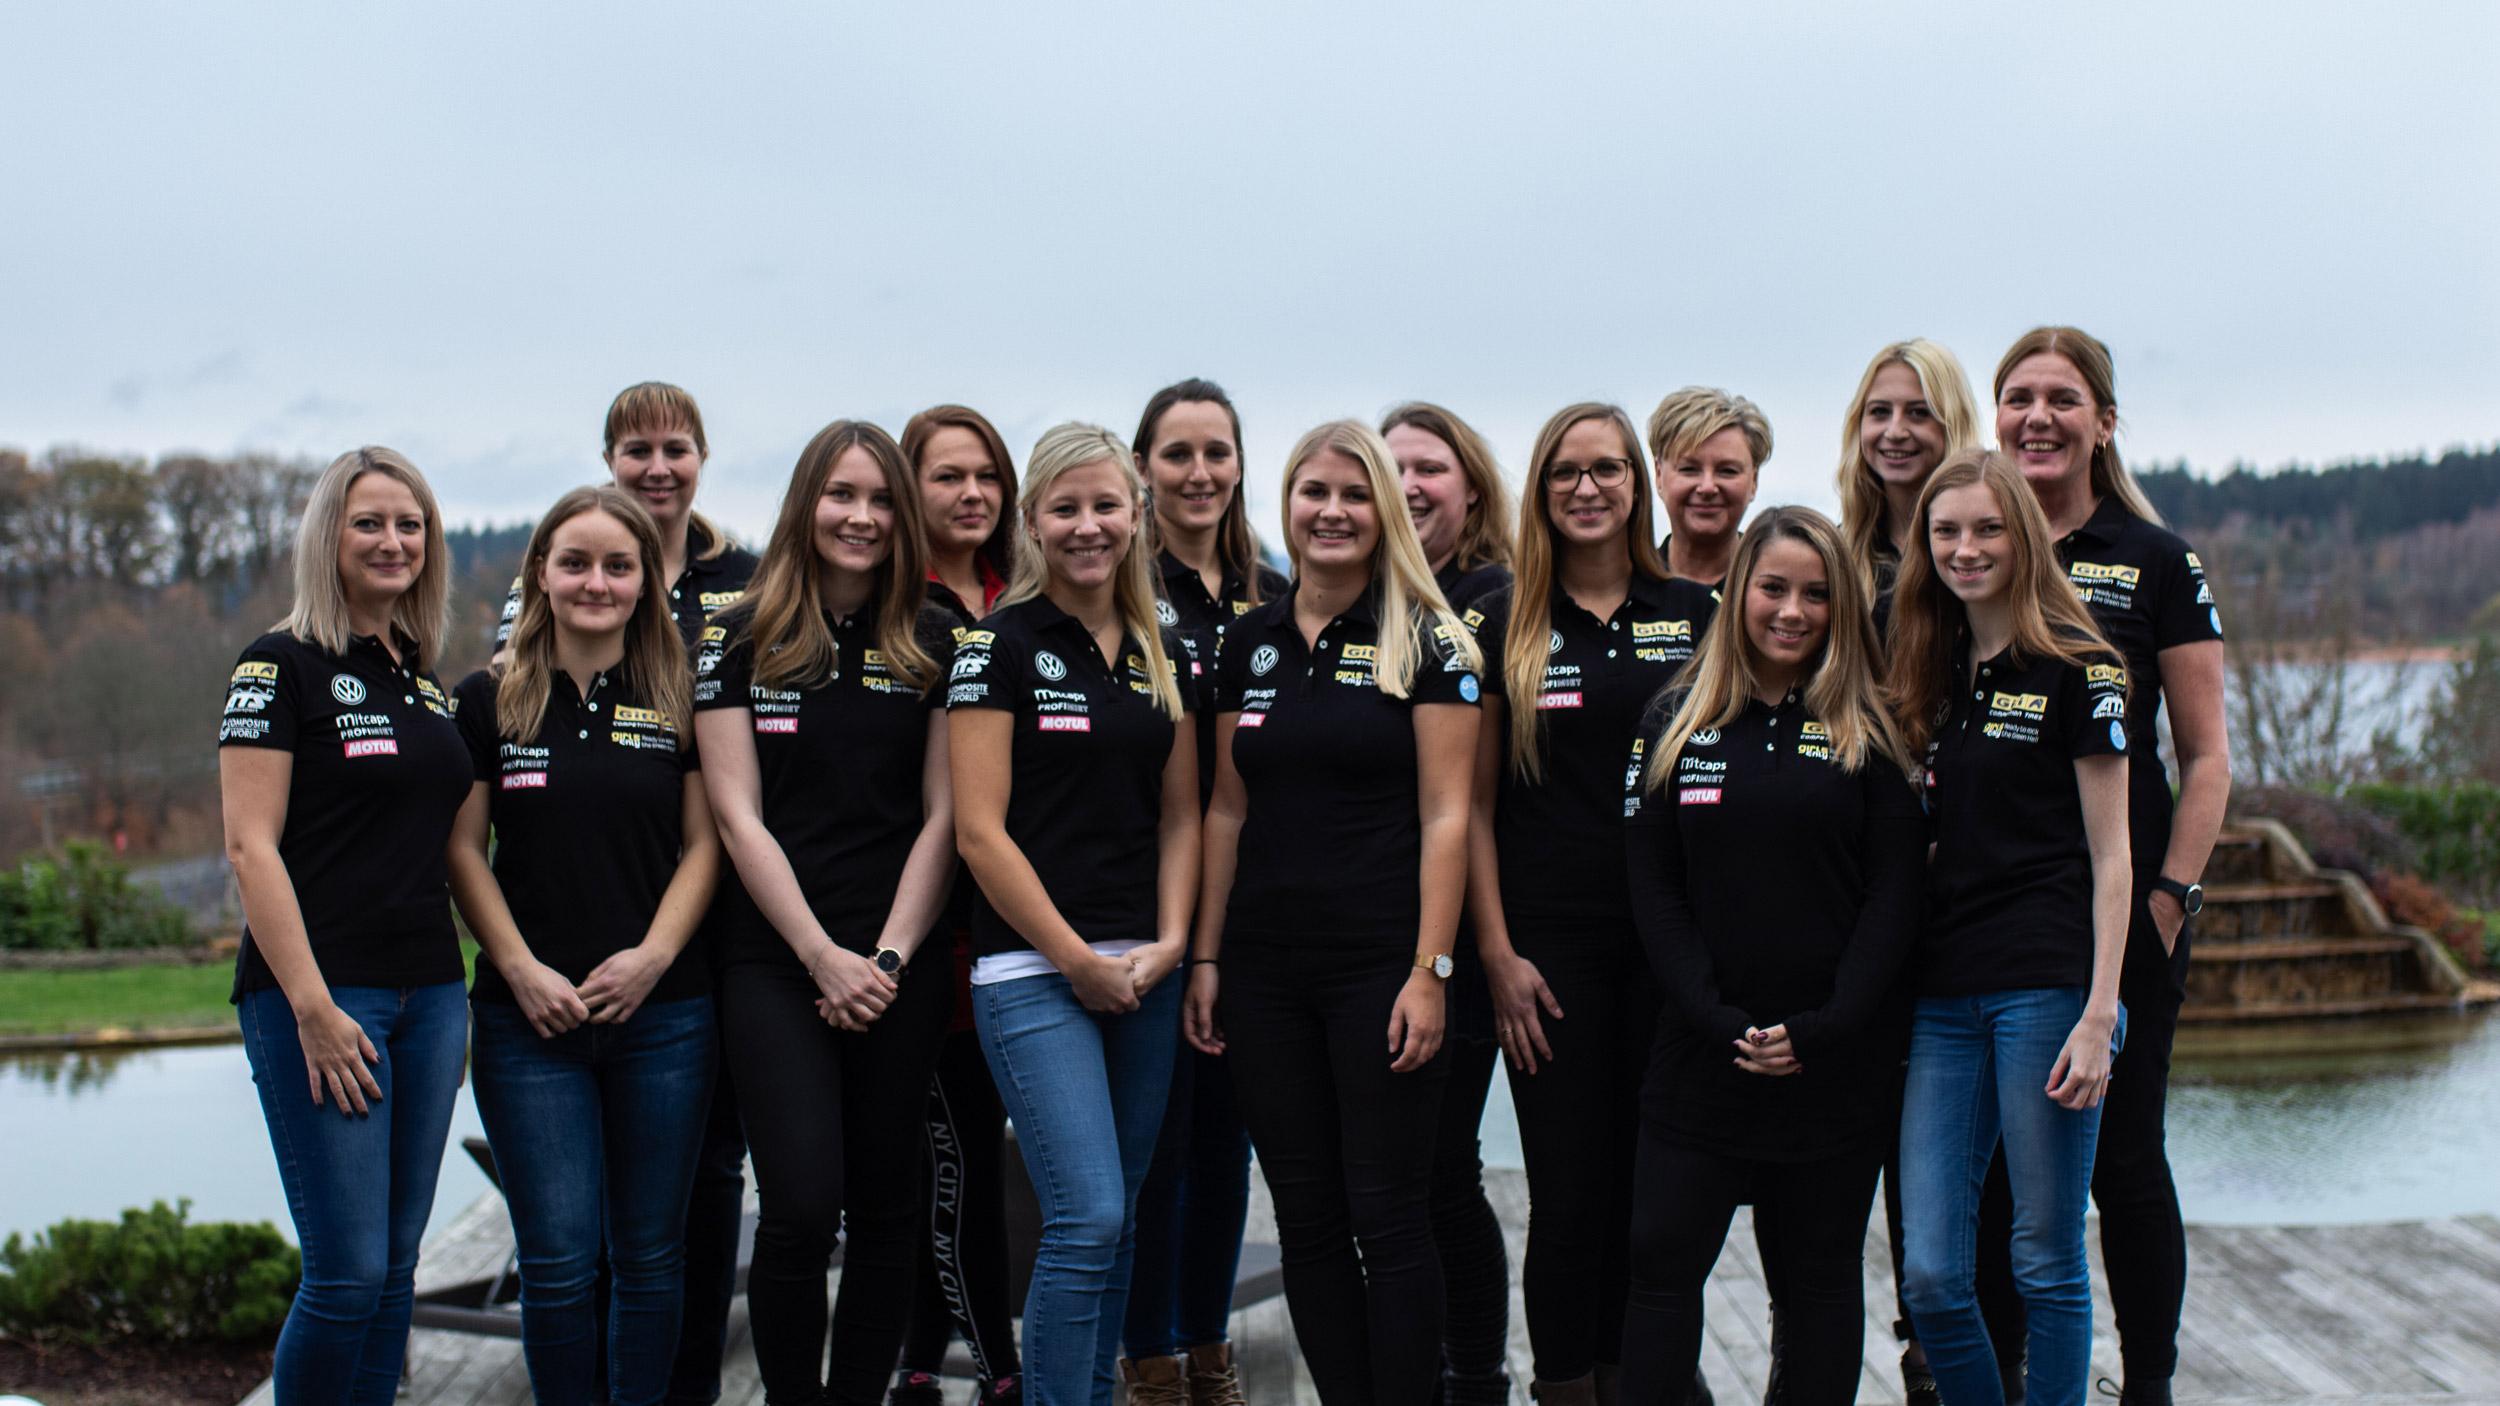 Motul und WS Racing gehen 2019 mit einem reinen Frauenteam an den Start